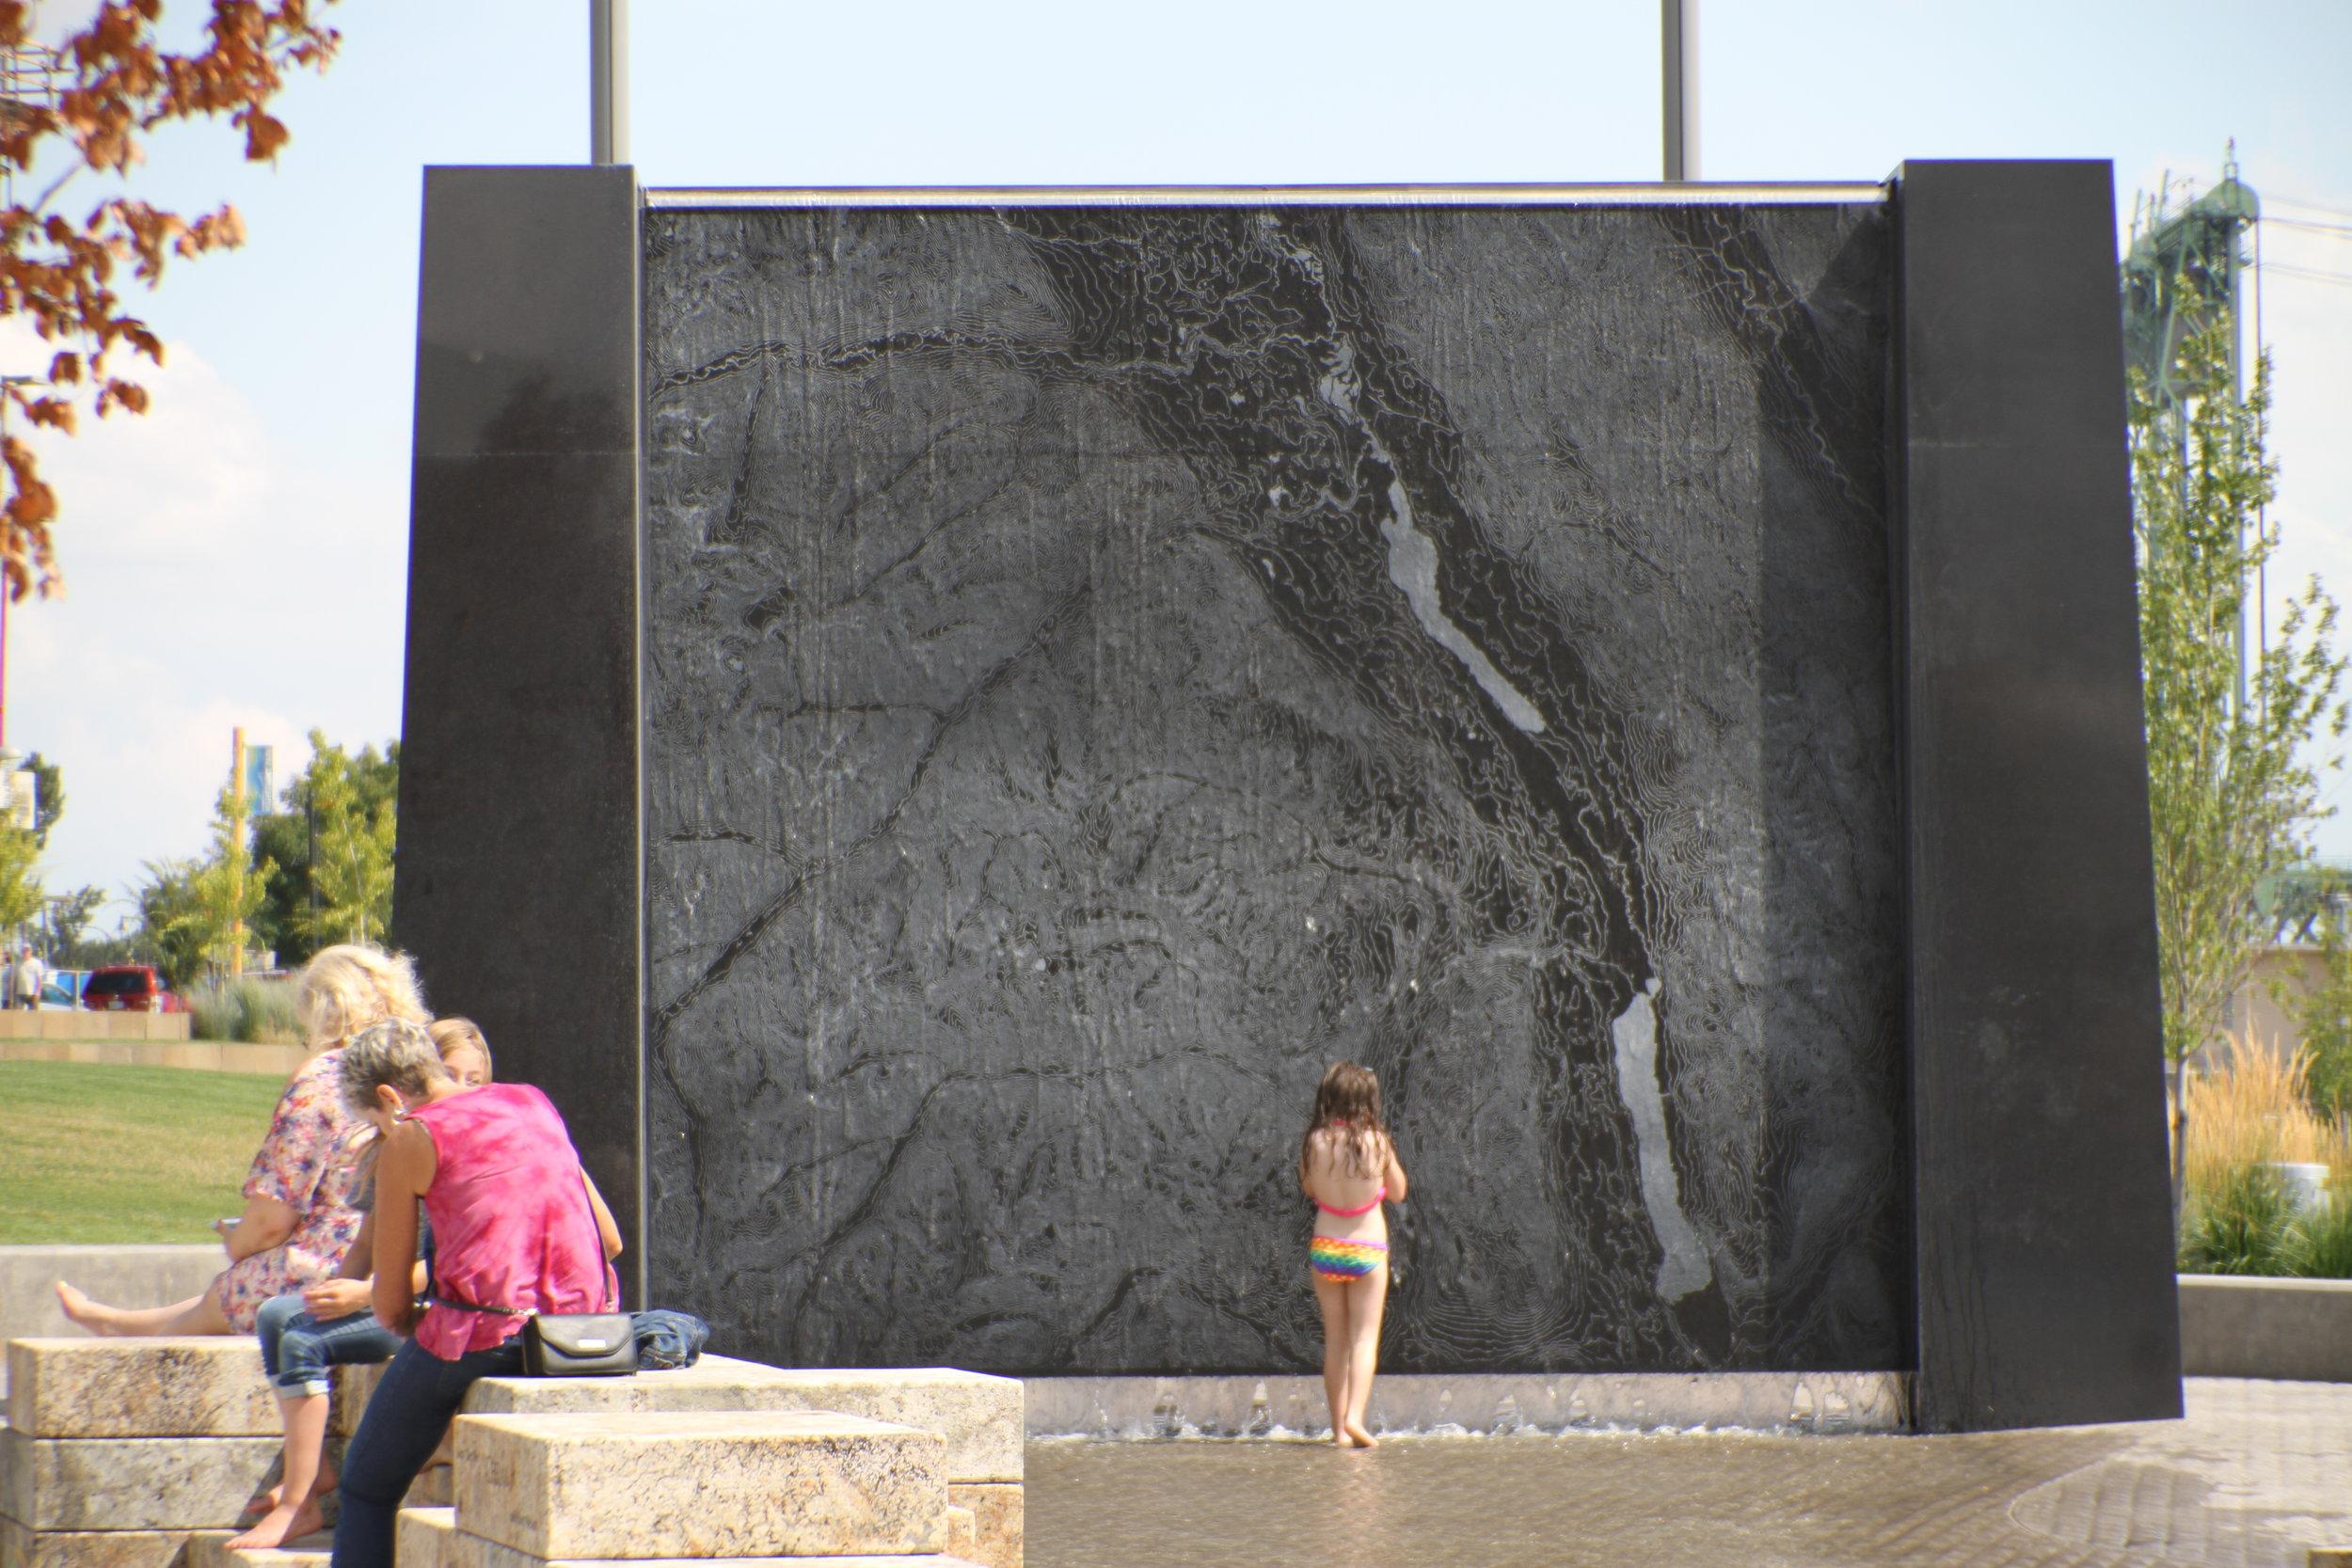 vancouver_waterfront park fountain_larry kirkland_public art services_j grant projects_28.JPG